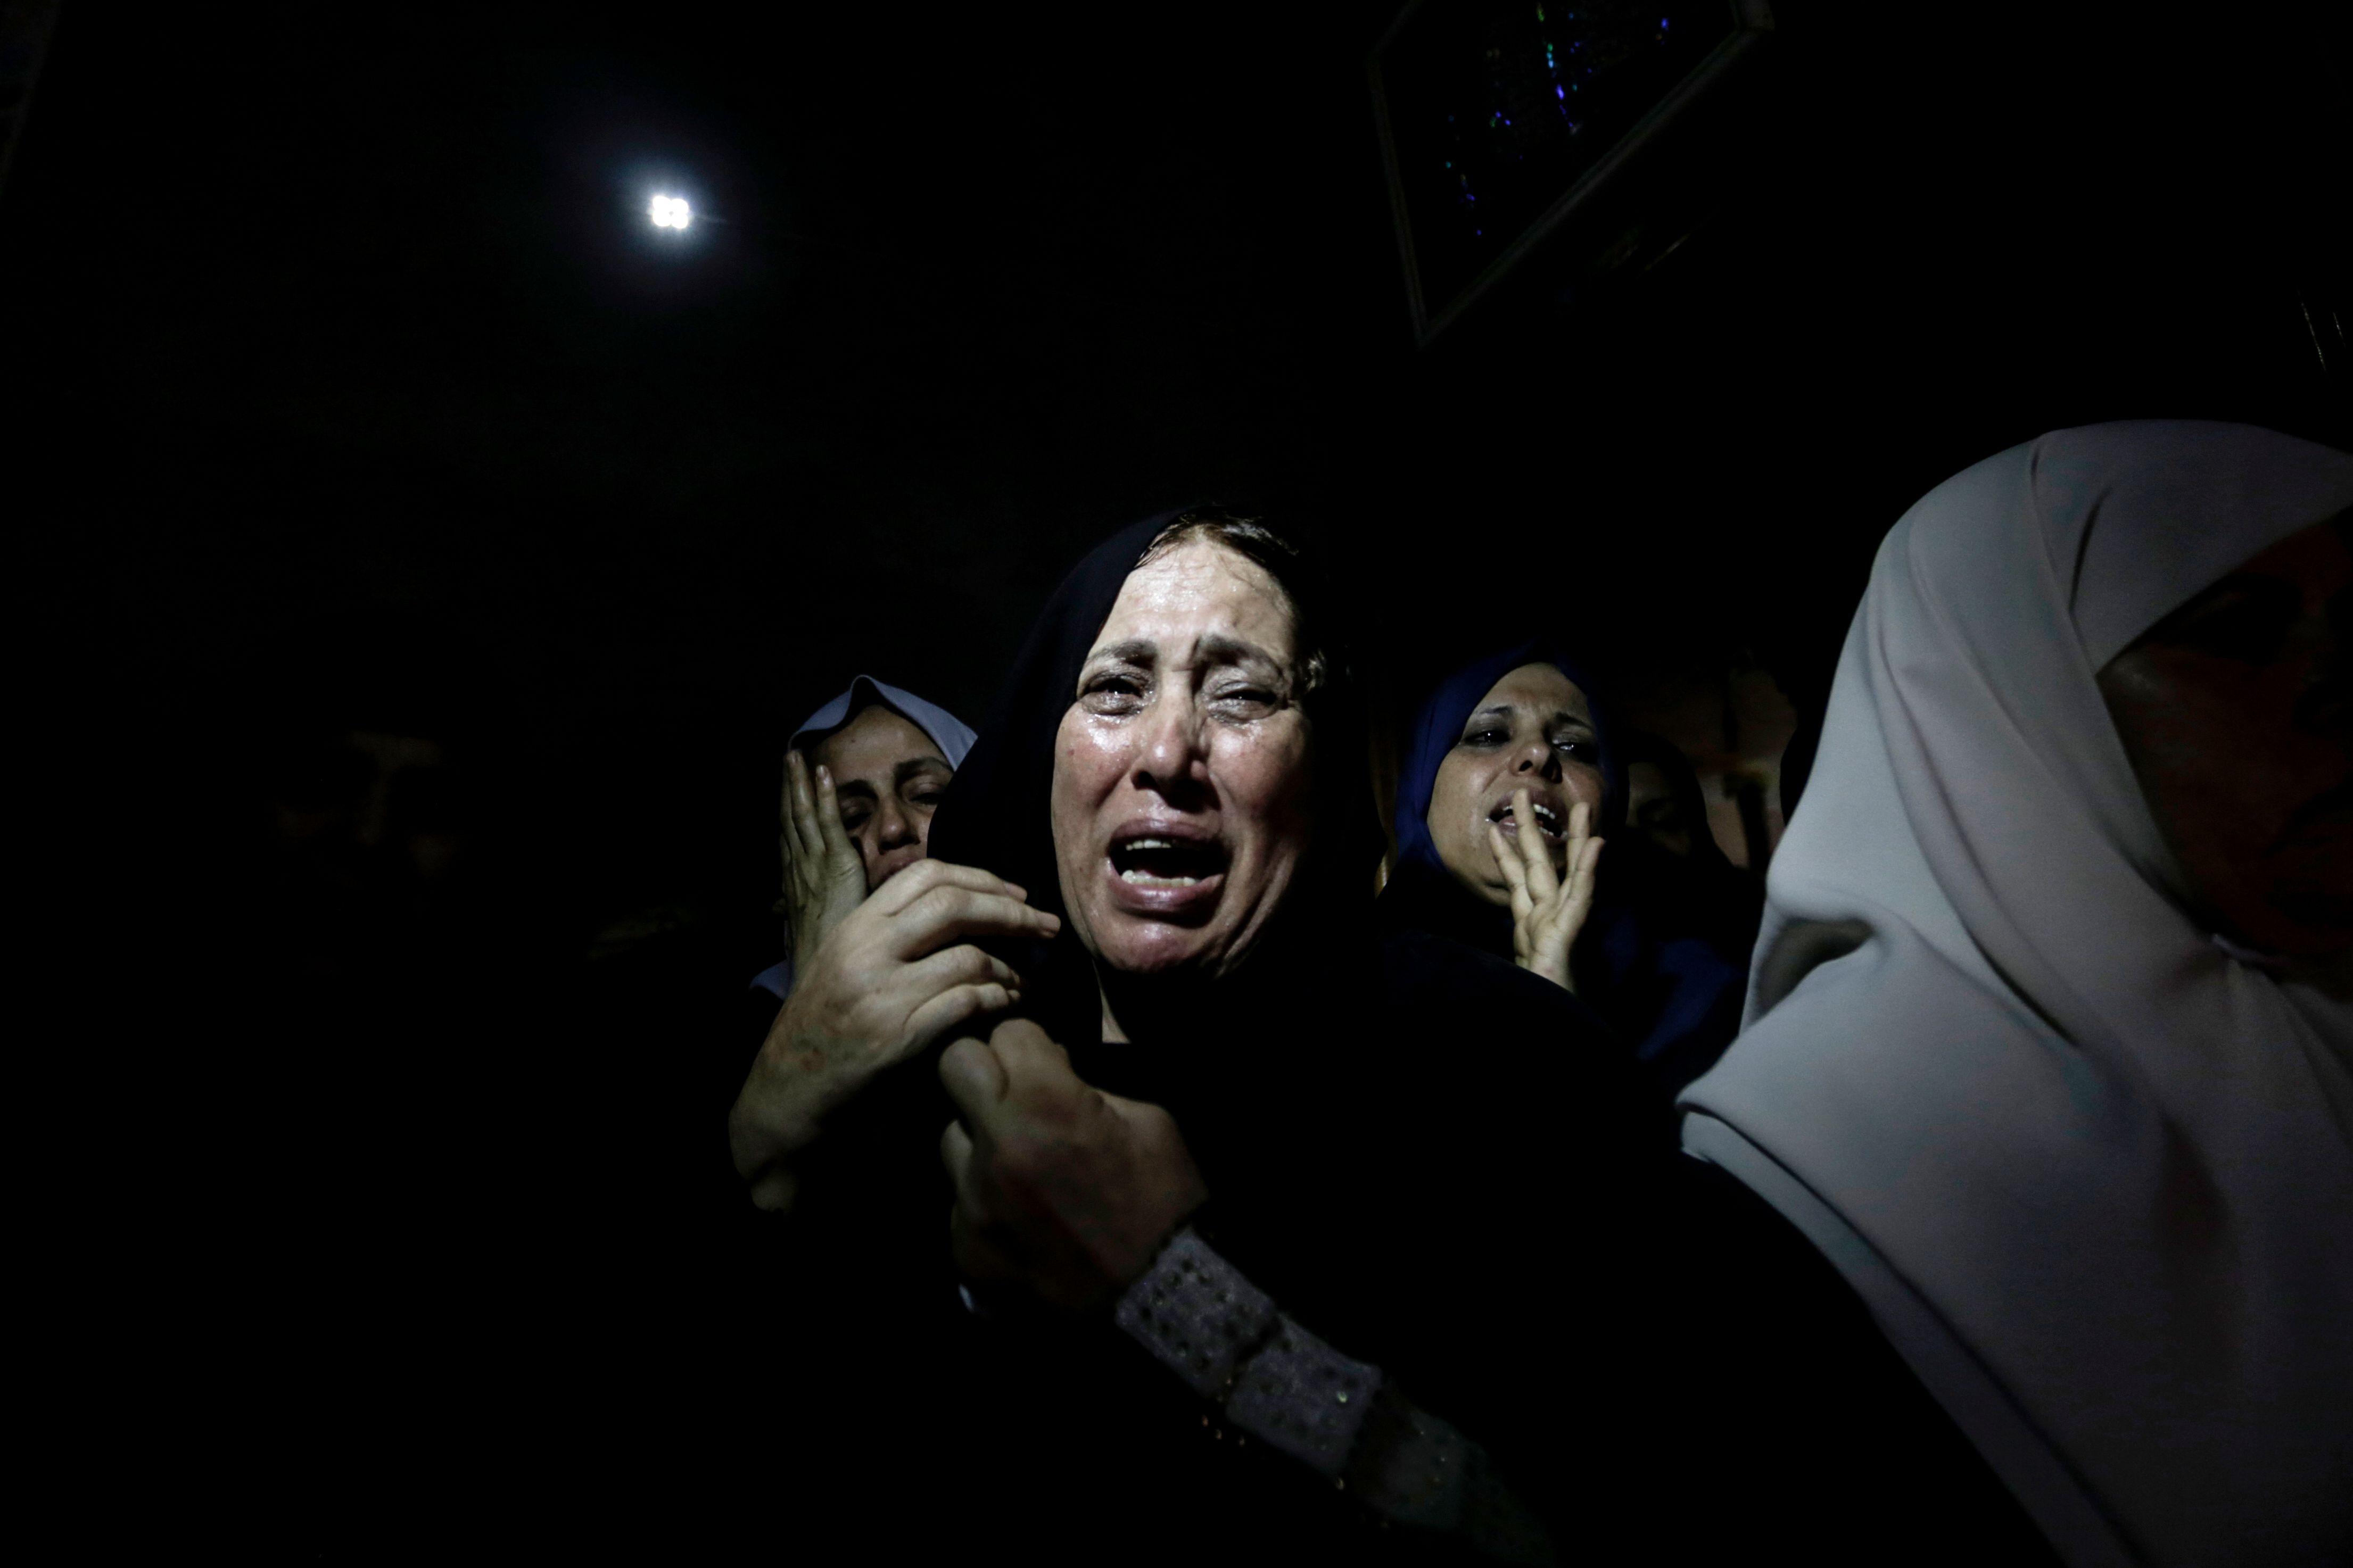 بكاء وحزن على شهيد فلسطينى فى مليونية القدس